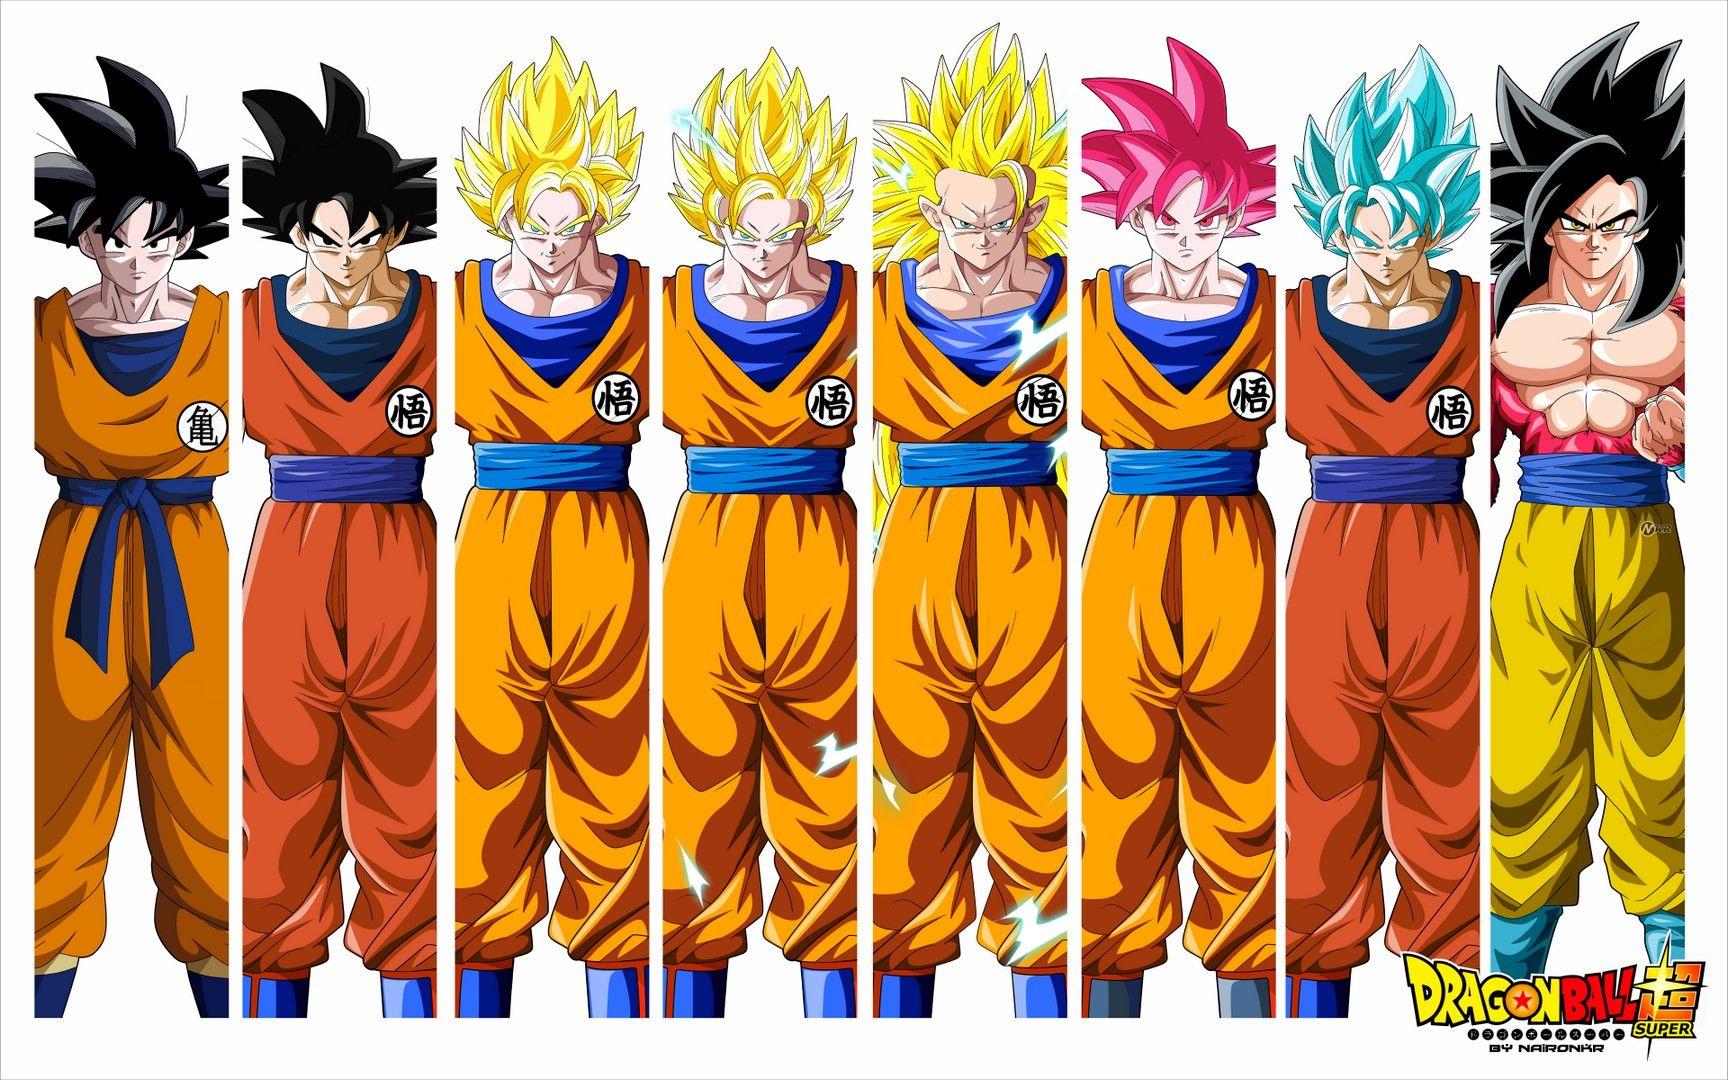 Goku All Form Wallpaper - Best Wallpaper HD | Dragon Ball ...